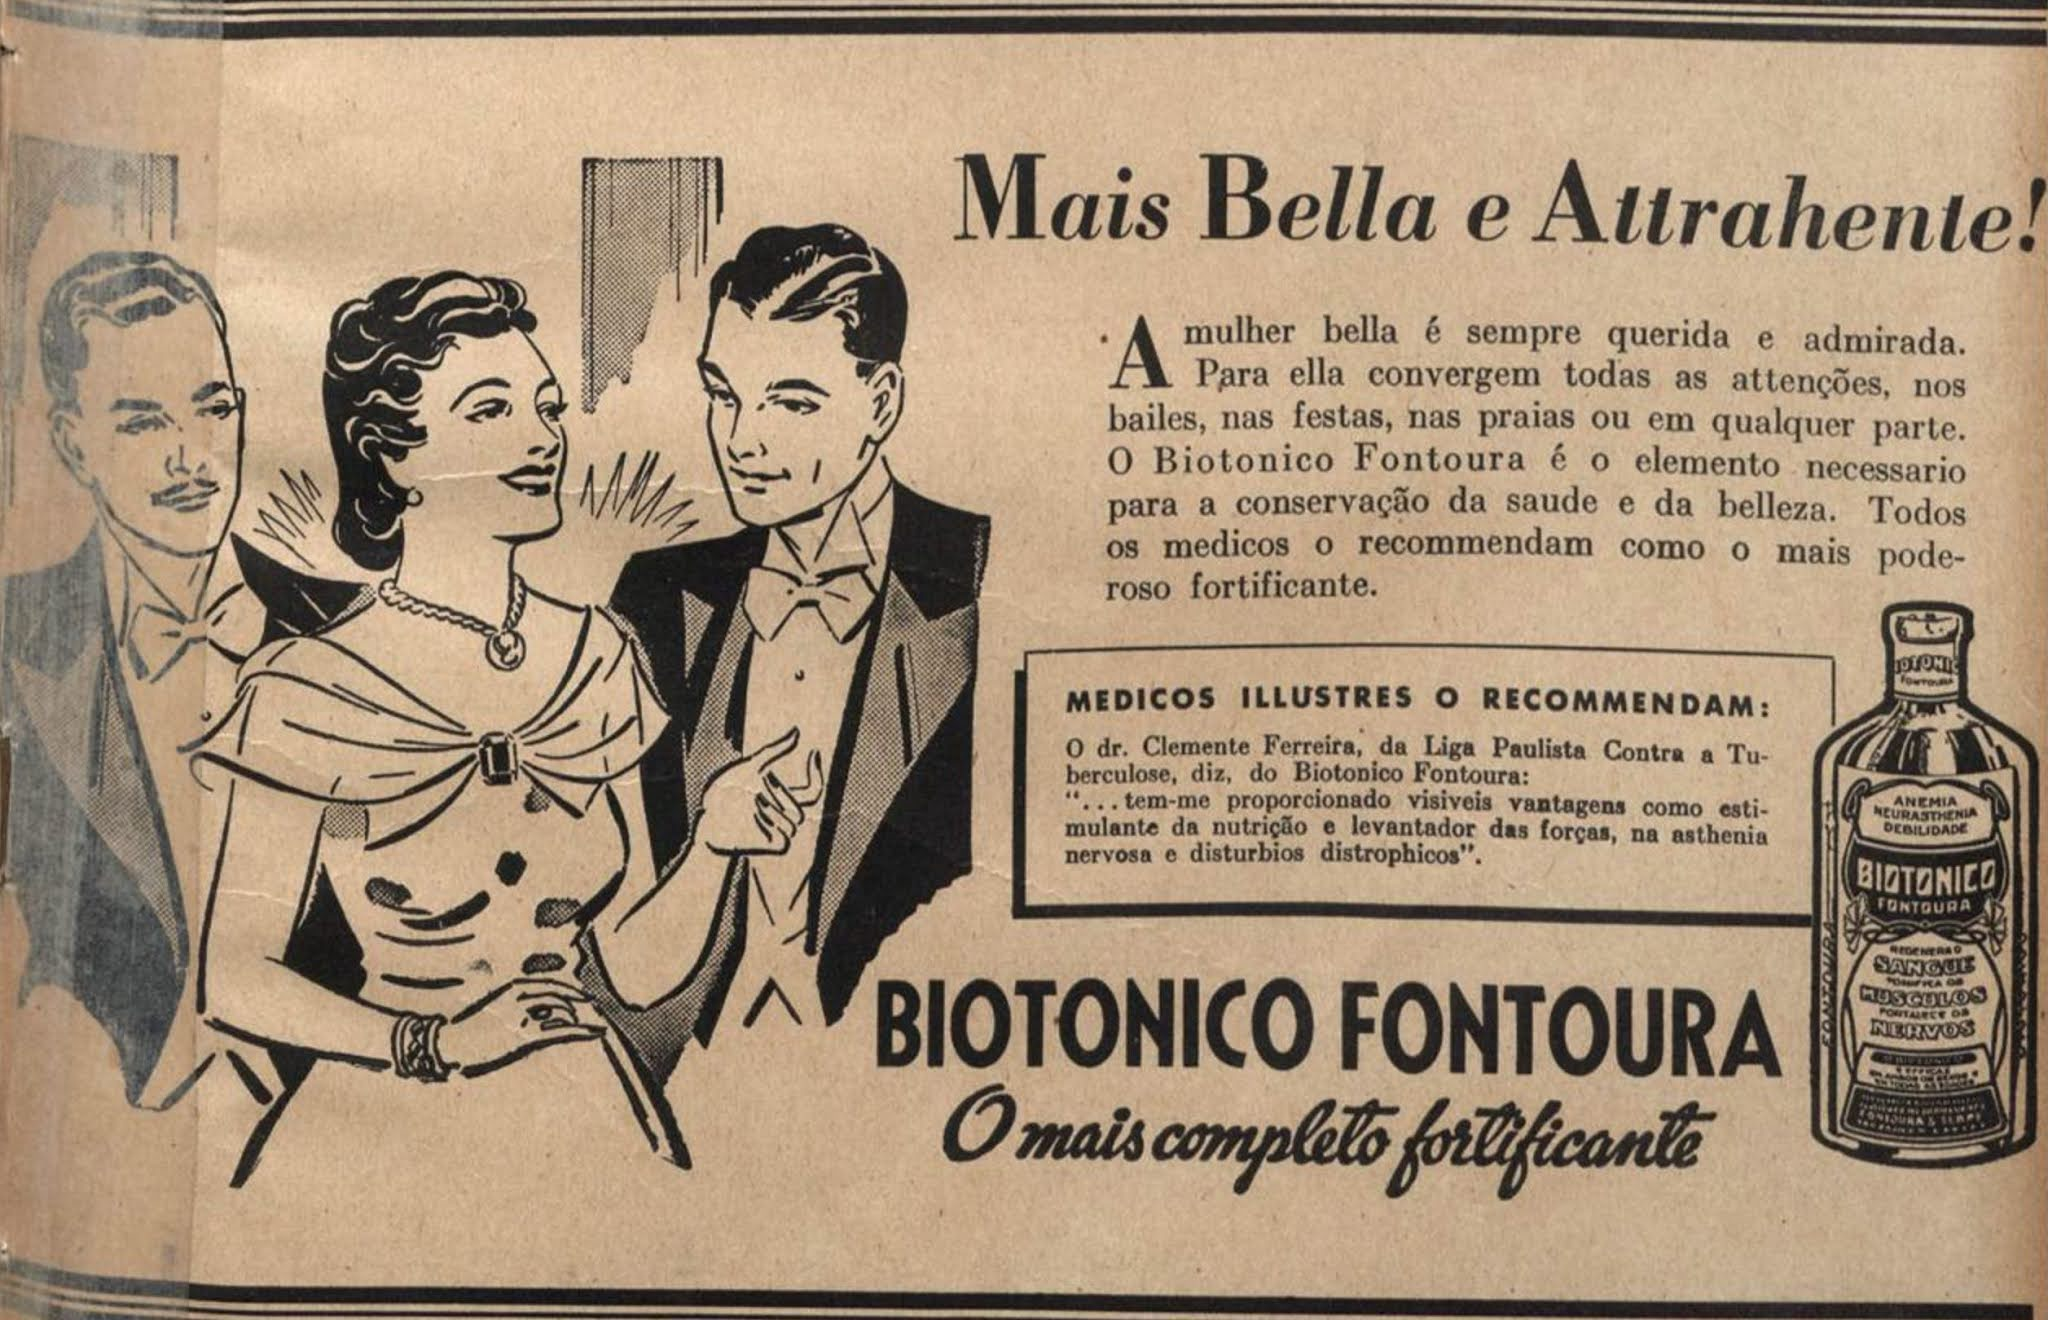 Anúncio antigo do Biotônico Fontoura enaltecendo a atratividade de uma mulher em 1939